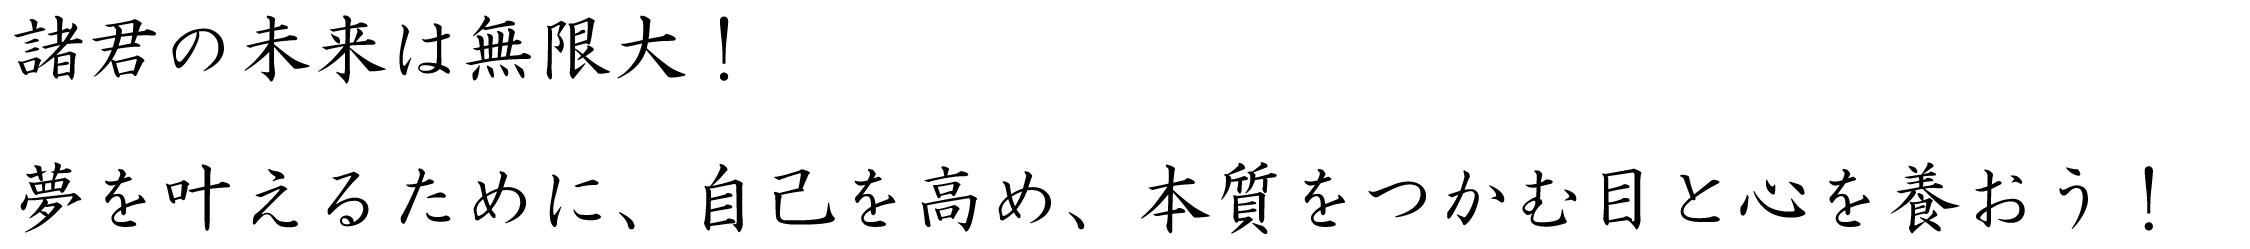 messege_yoichi